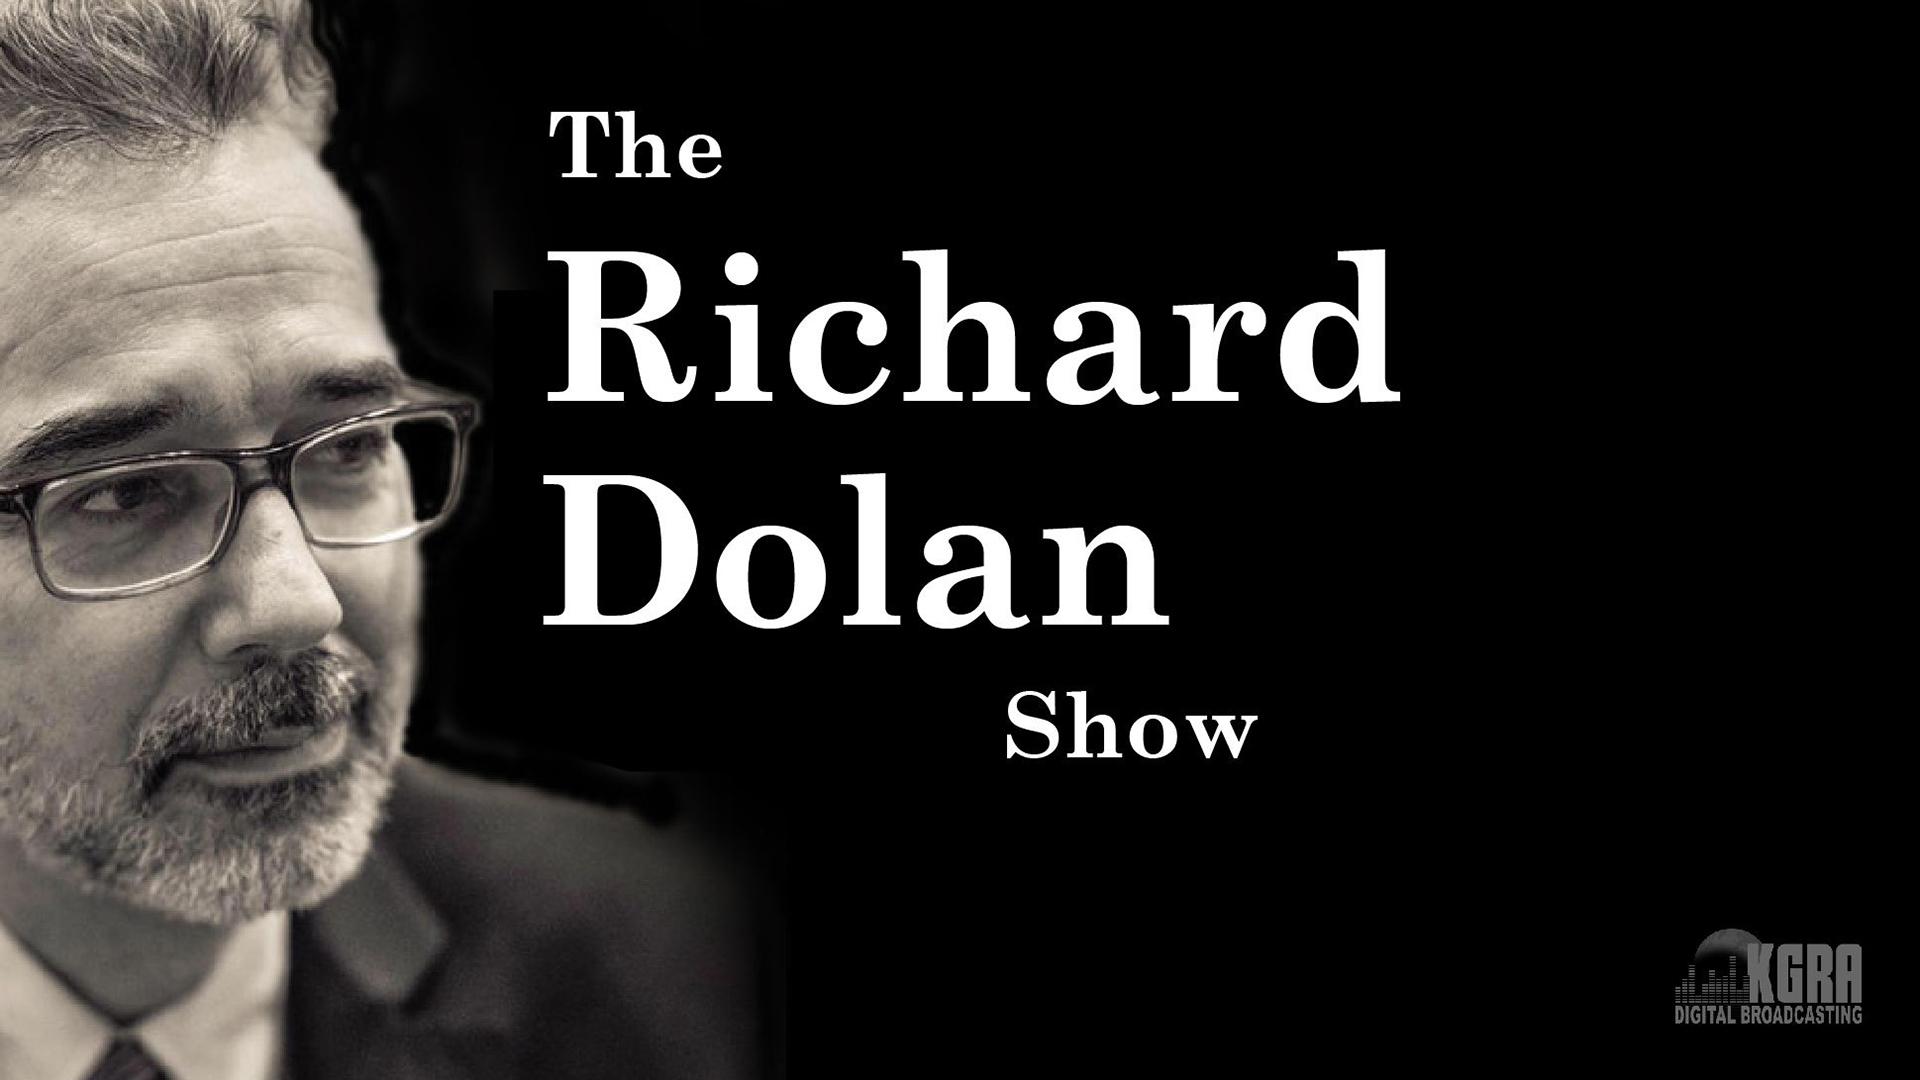 The Richard Dolan Show